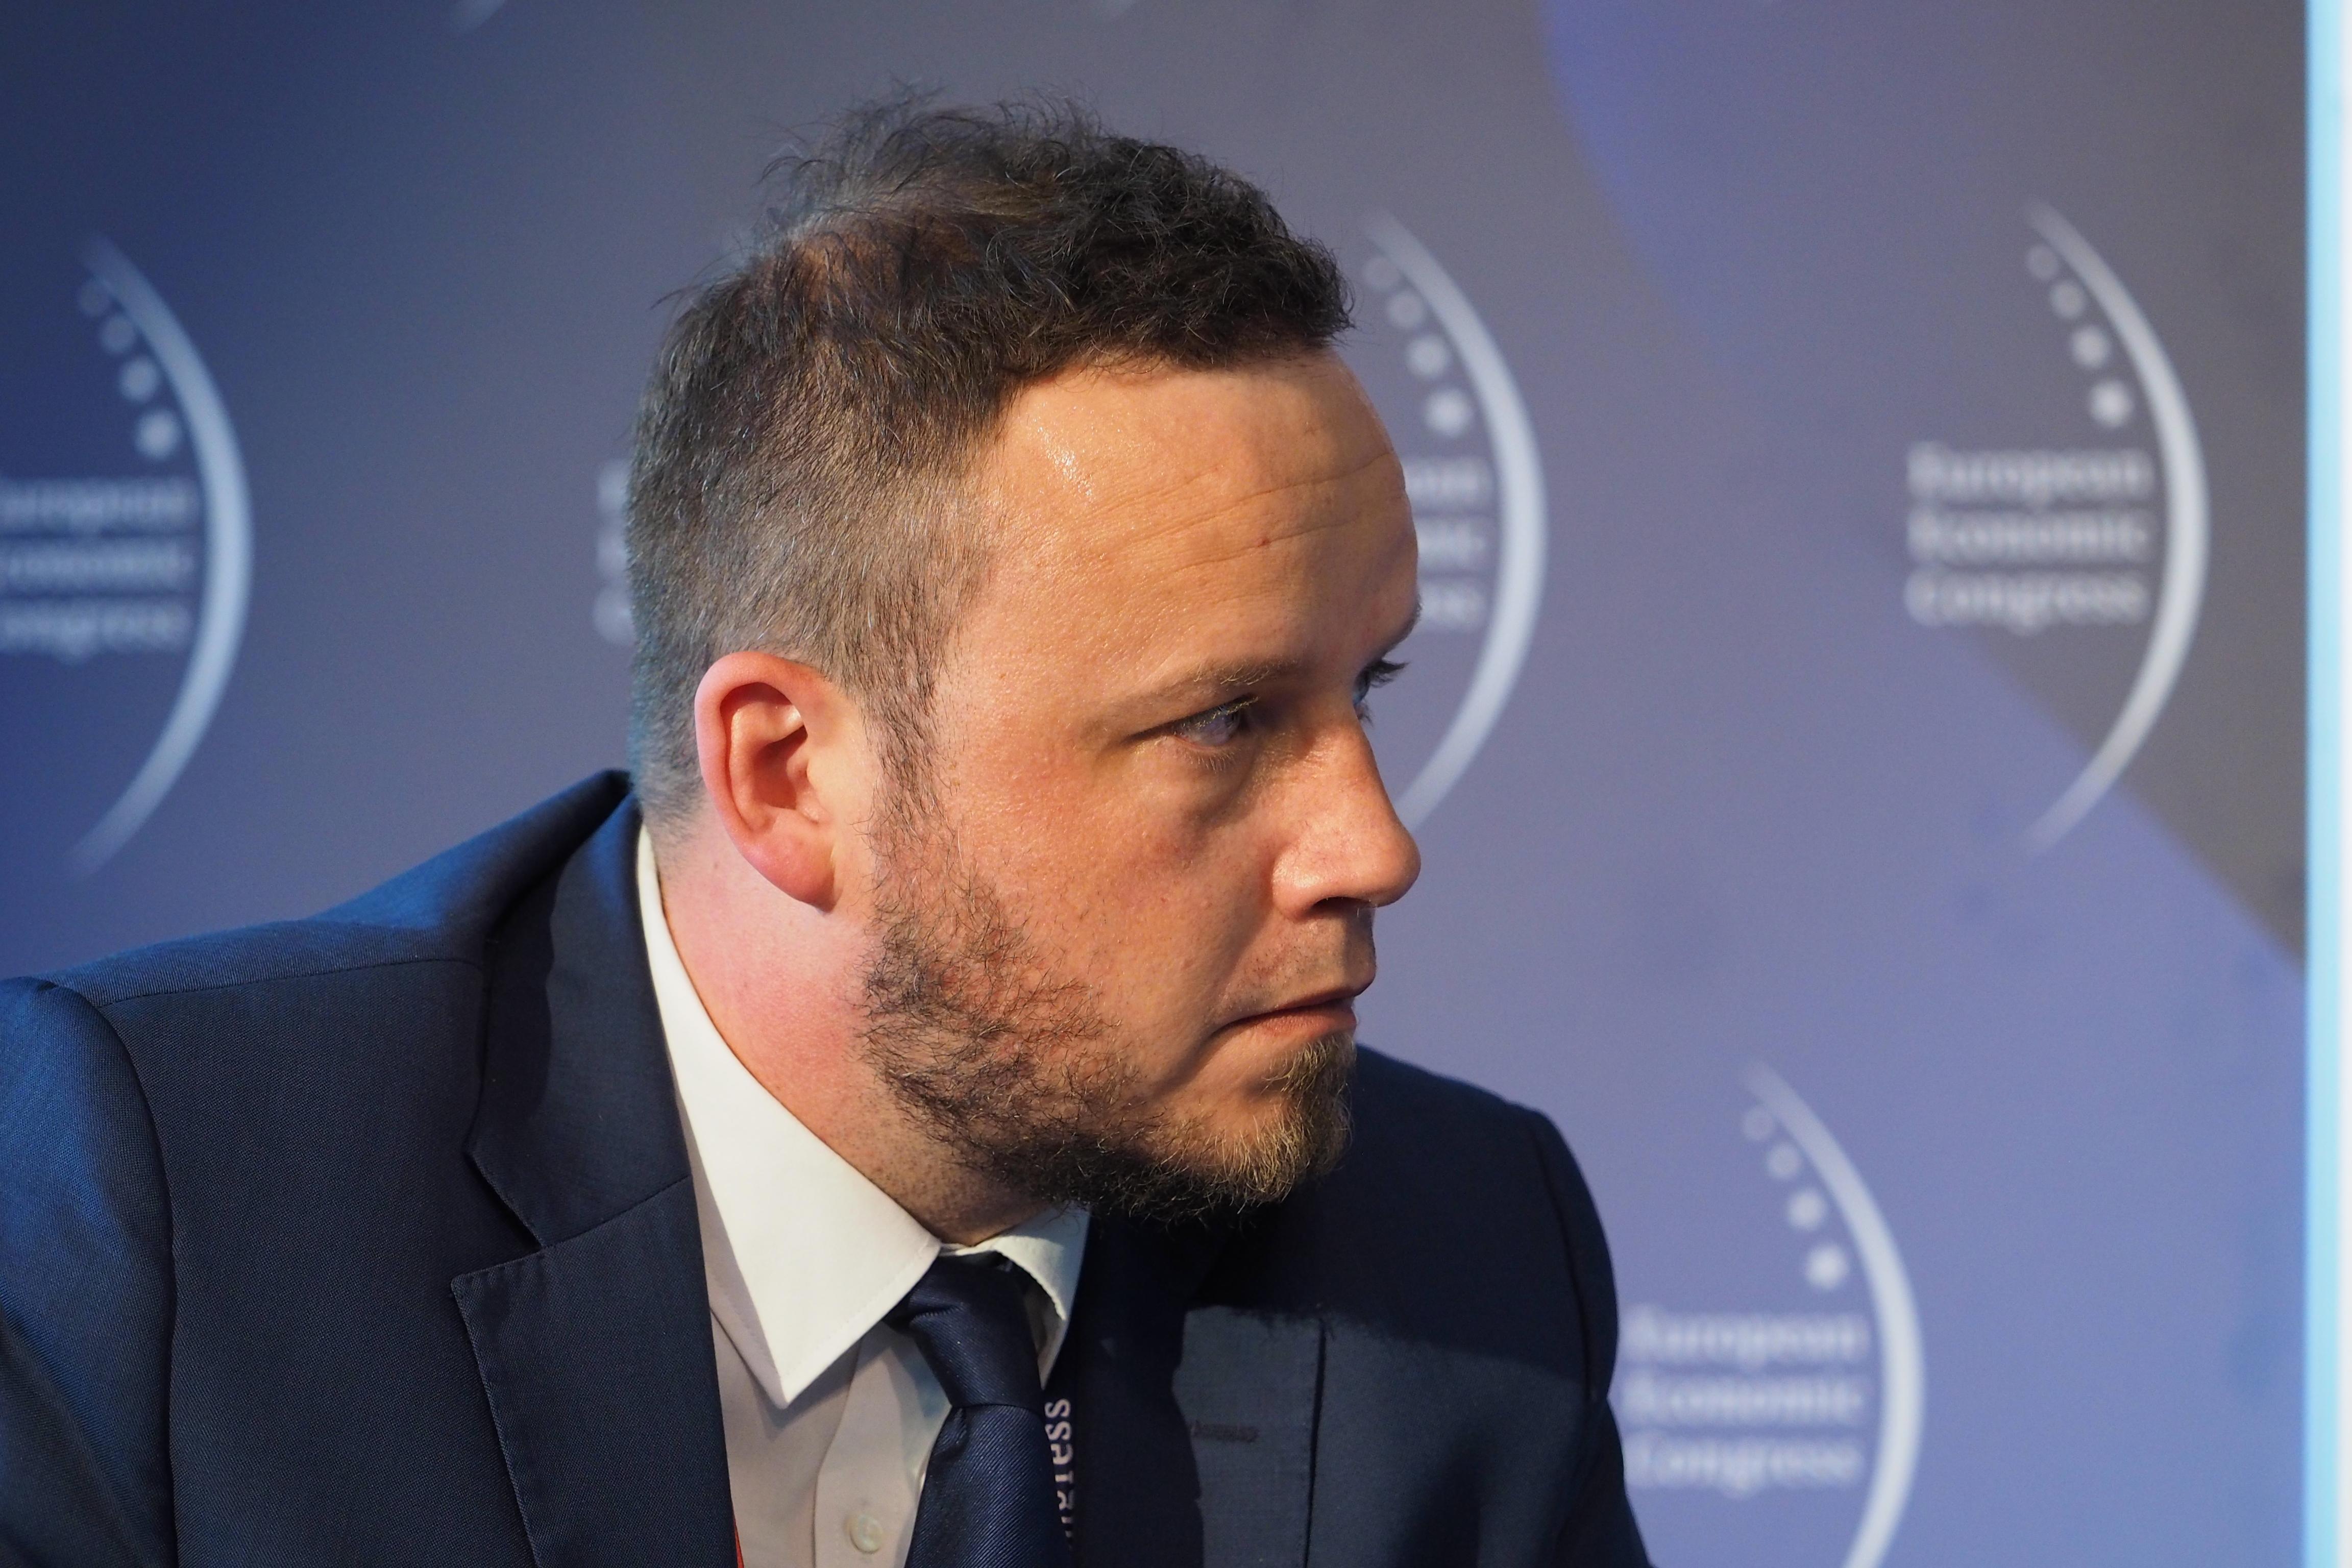 Dyskusję poprowadził Rafał Kerger, redaktor naczelny WNP.pl (Fot. PTWP)